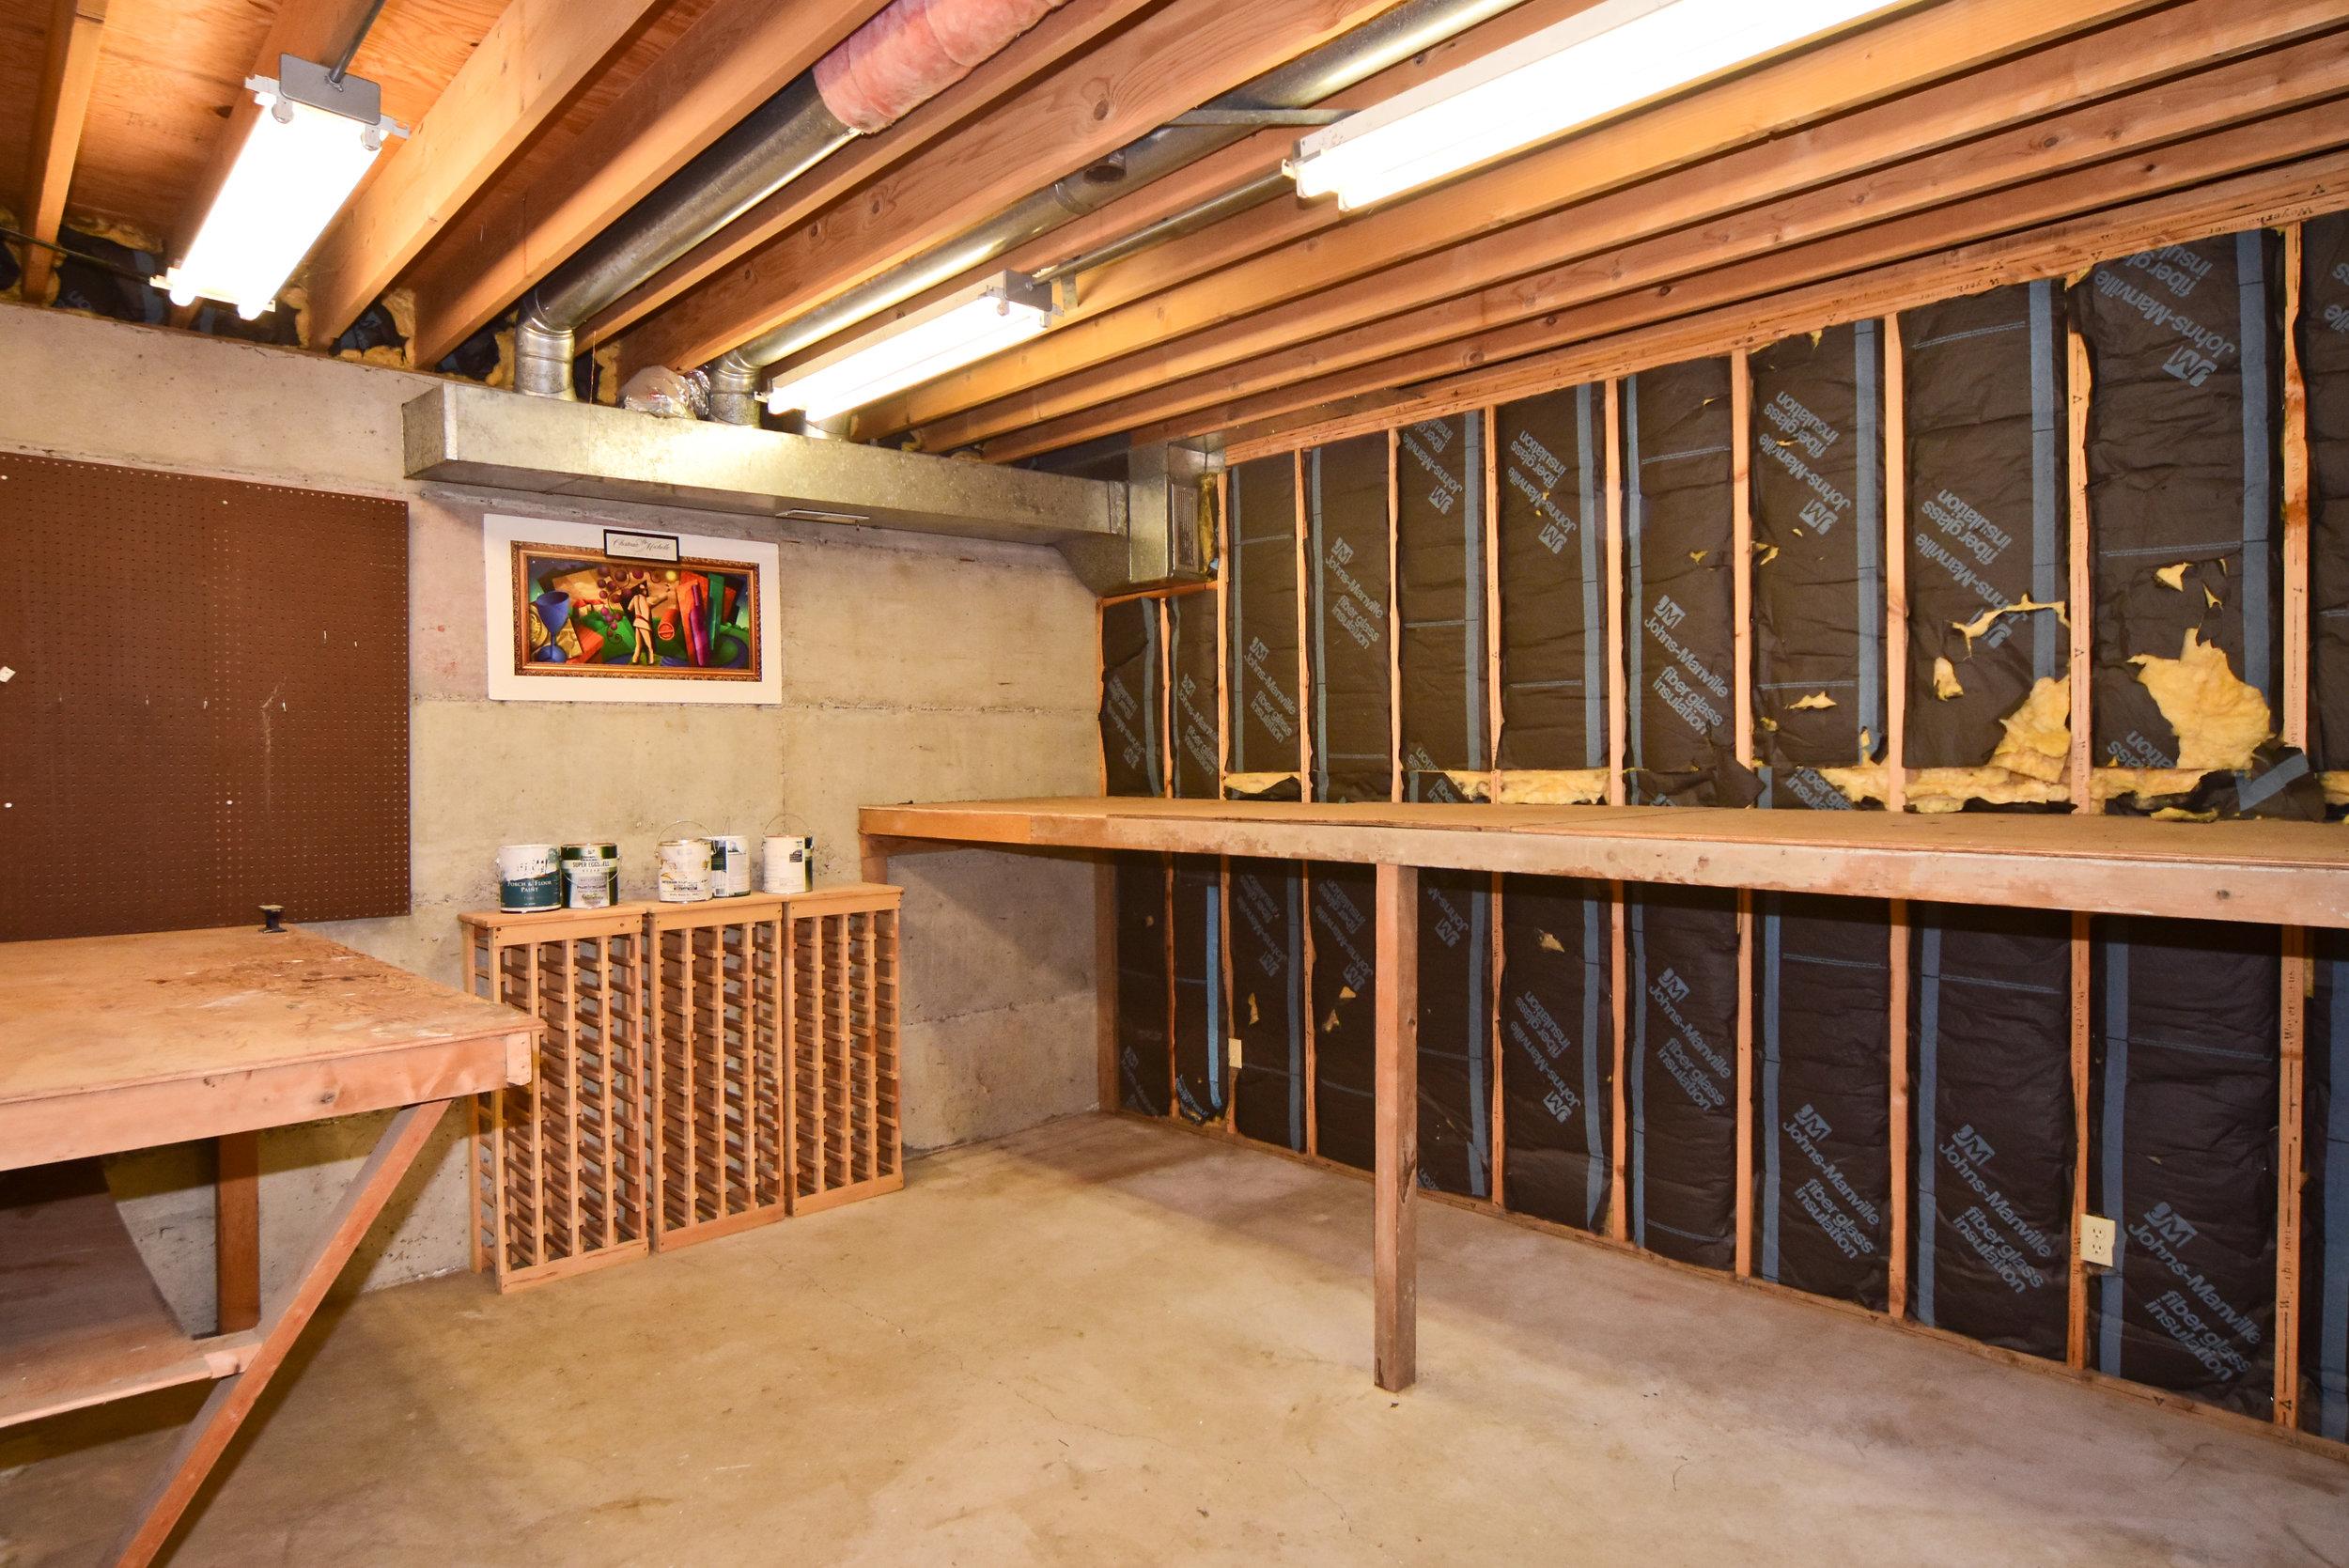 workshop or storage area.jpg